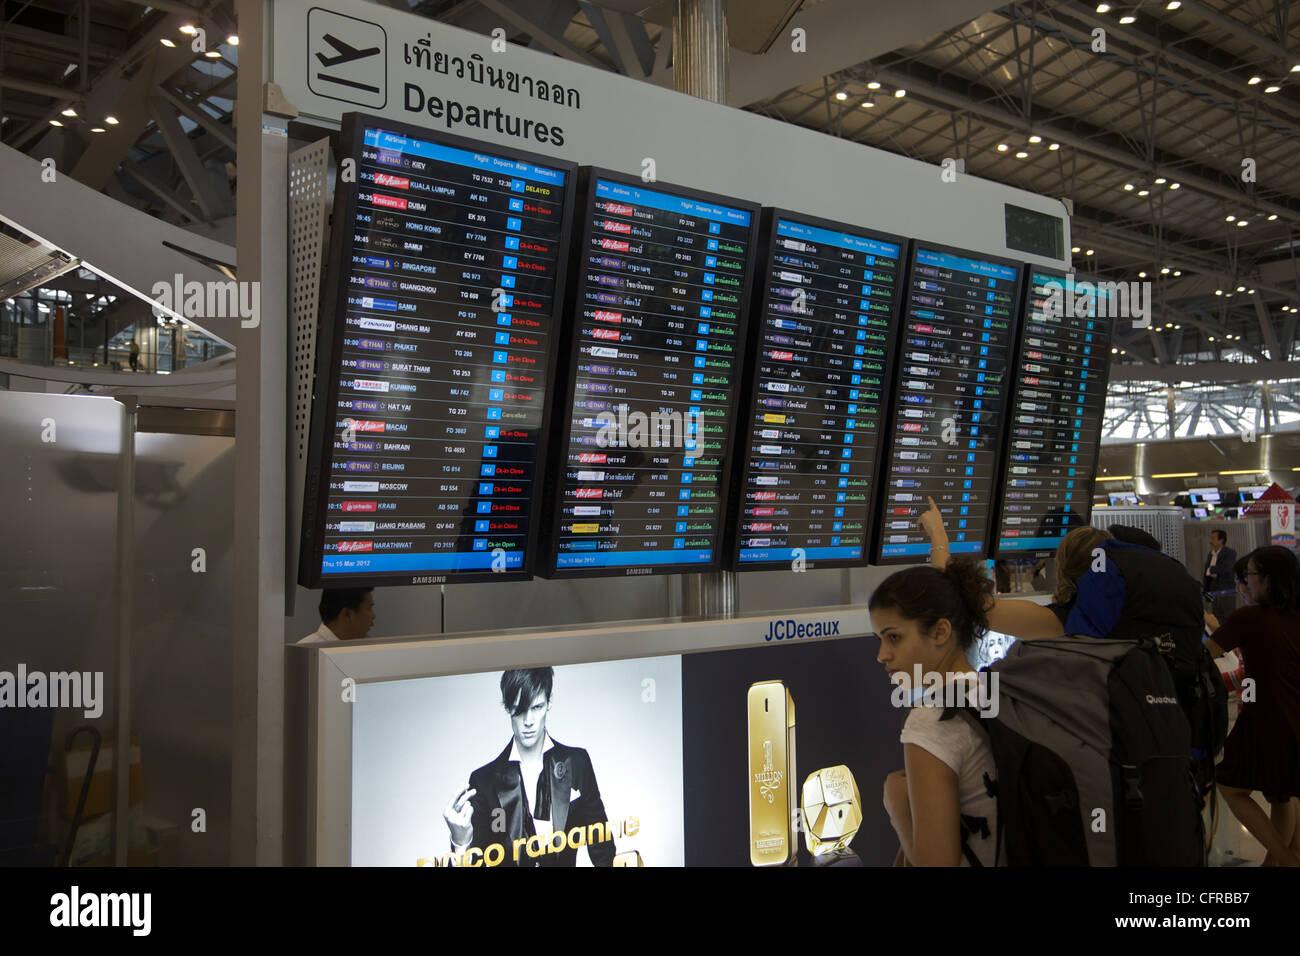 Depatures board at Suvarnabhumi airport, Bangkok, Thailand, - Stock Image